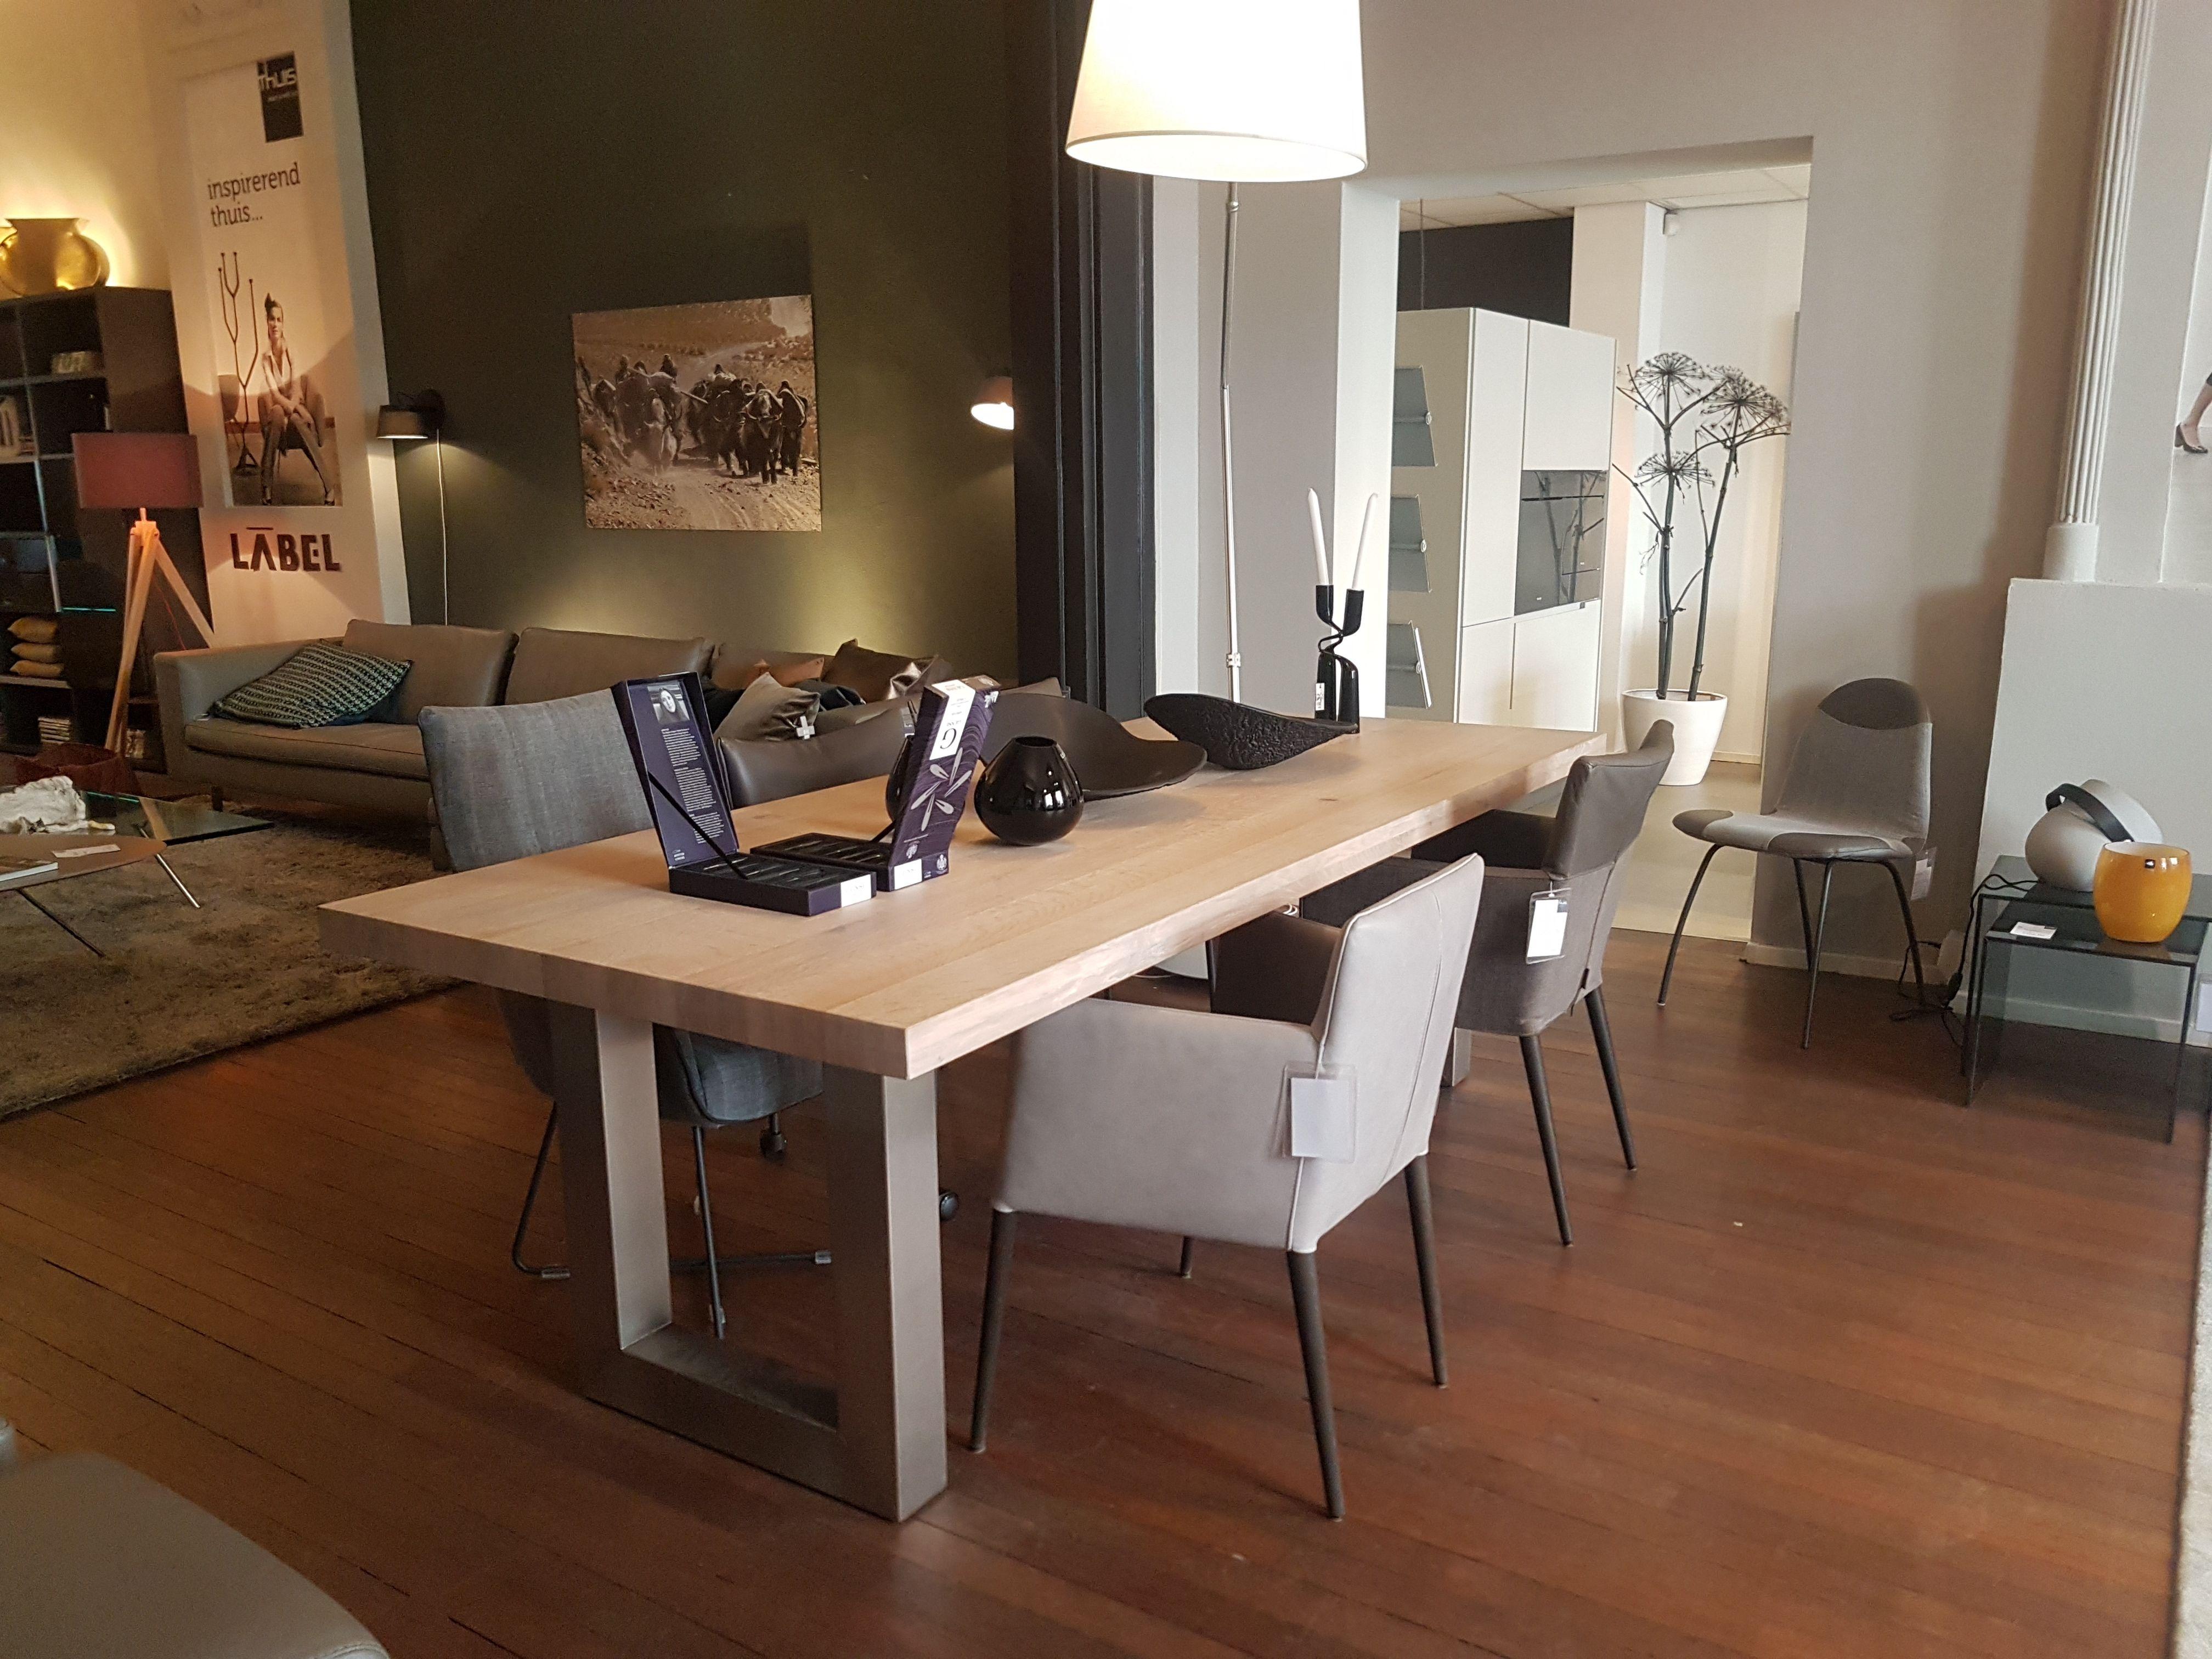 Thuis Interieurs Den Bosch (thuisdenbosch) on Pinterest